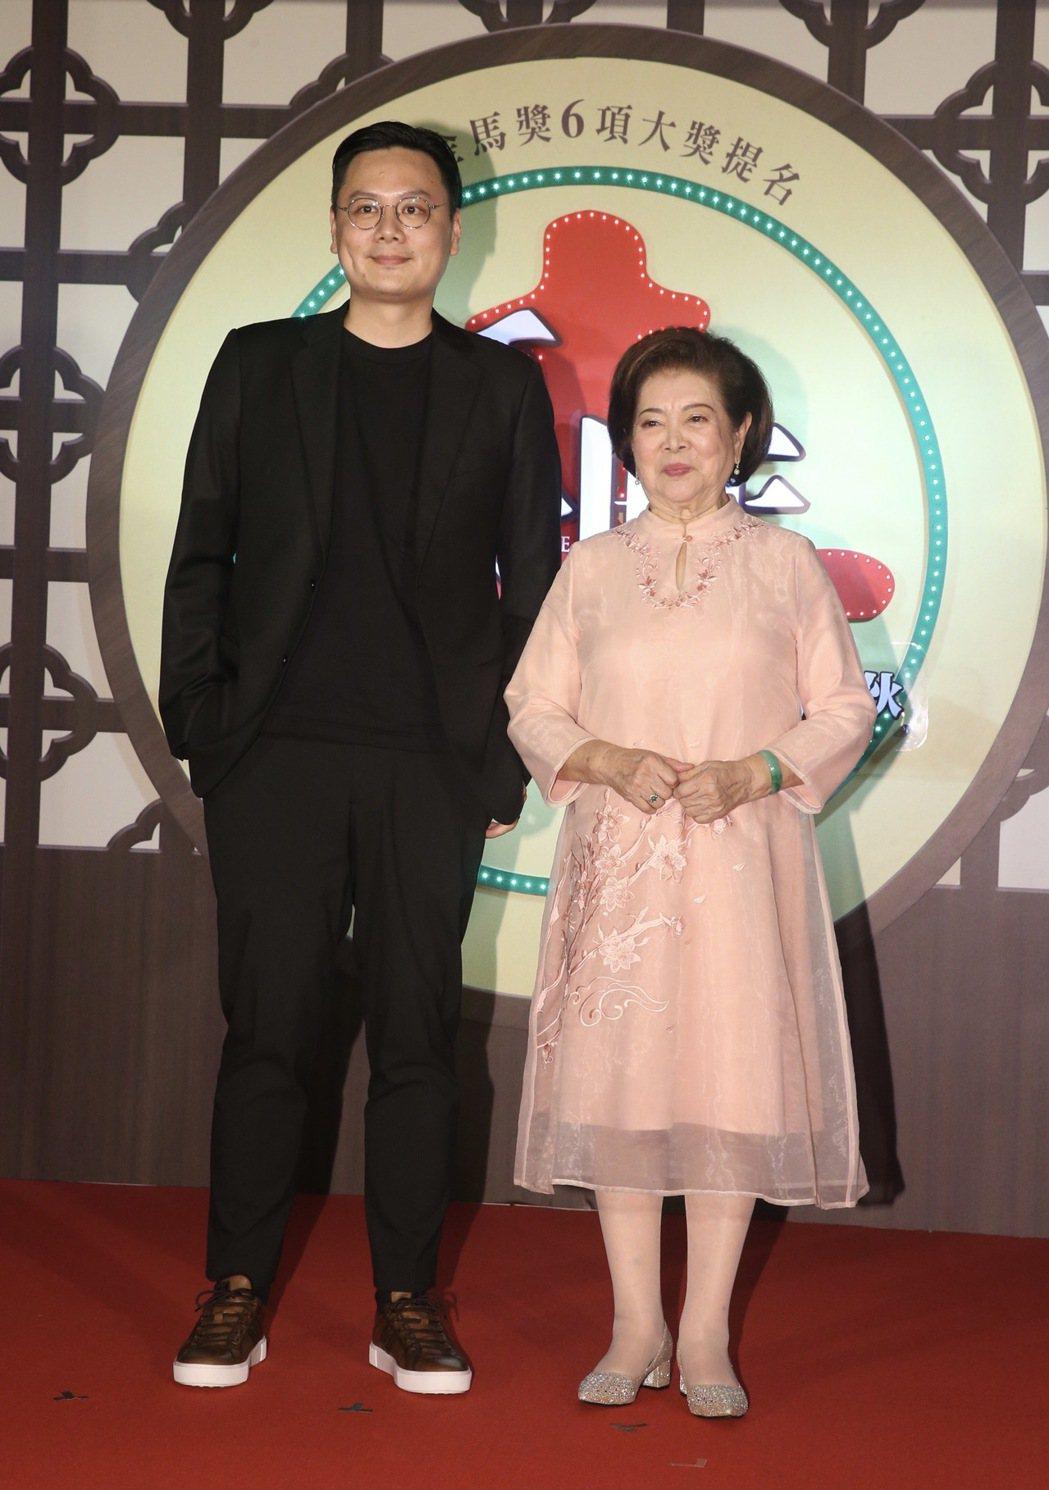 電影「孤味」首映會,導演許承傑(左)、演員陳淑芳(右)。記者黃義書/攝影